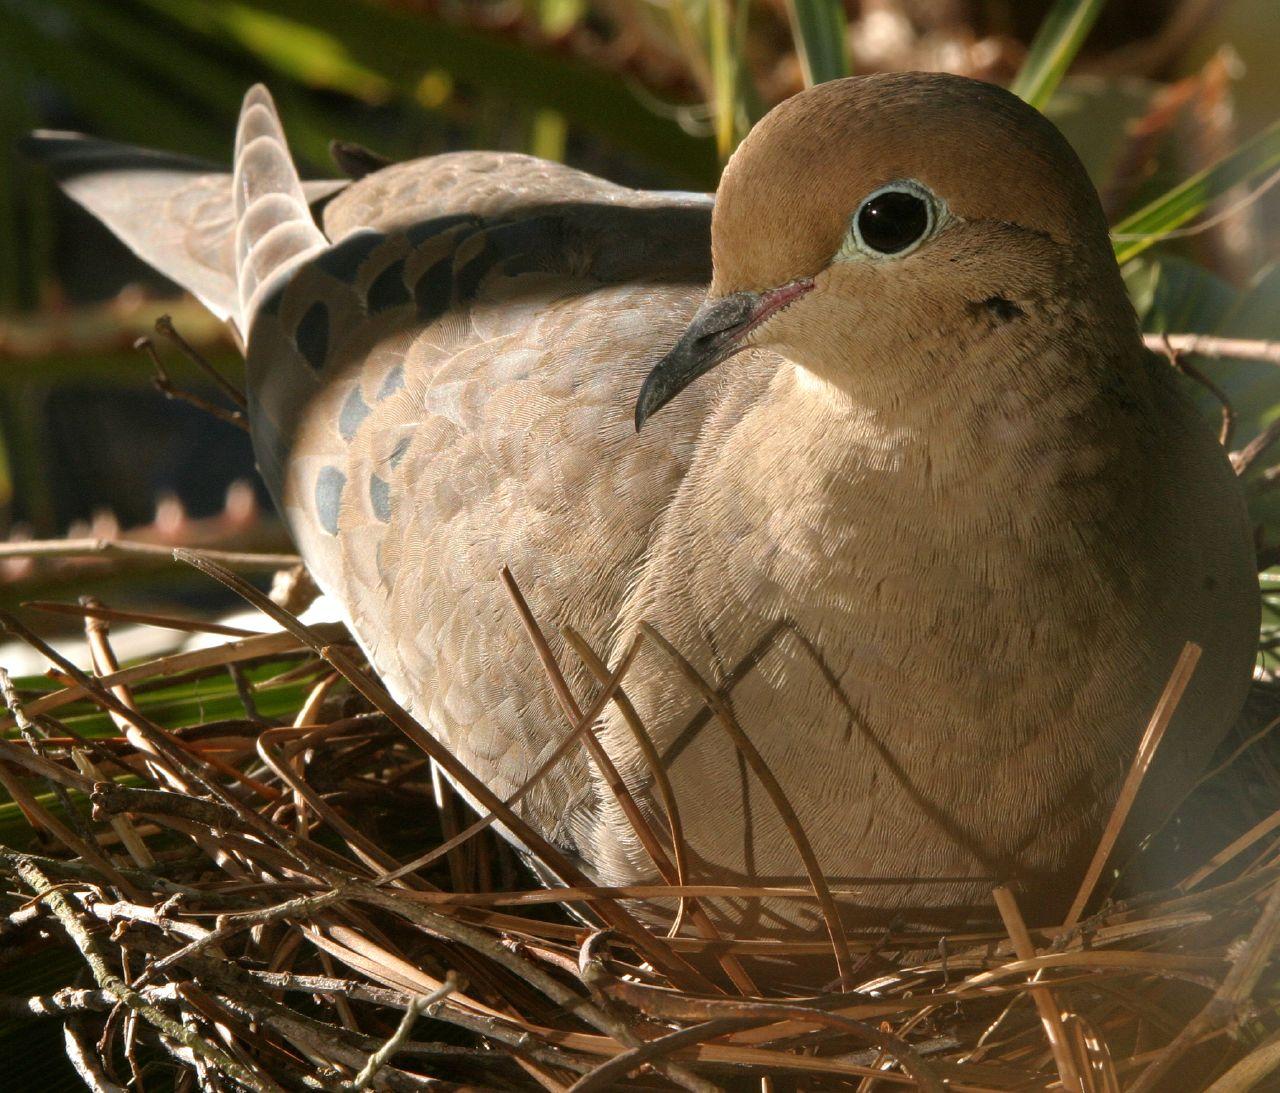 Mourning Dove Nest File:Mother hen nestin...